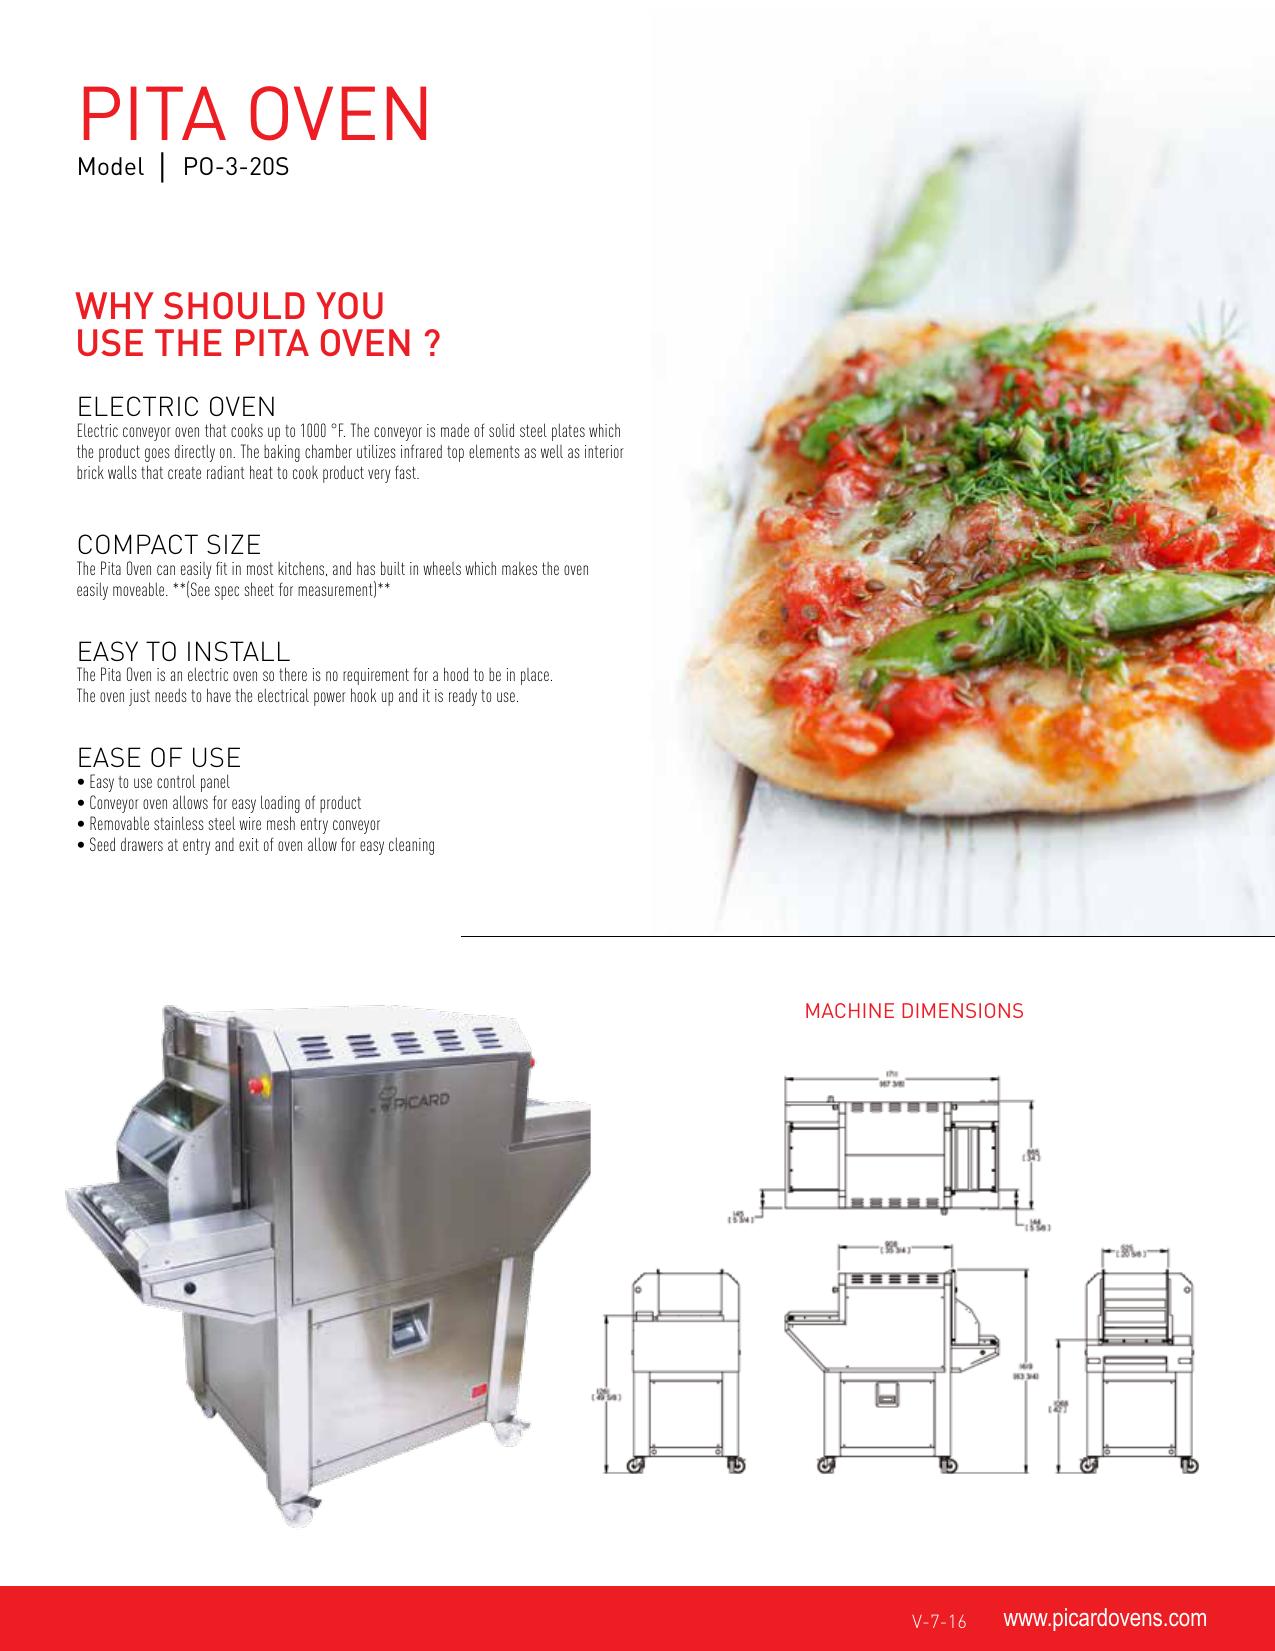 Pita oven - Picard Ovens   manualzz com